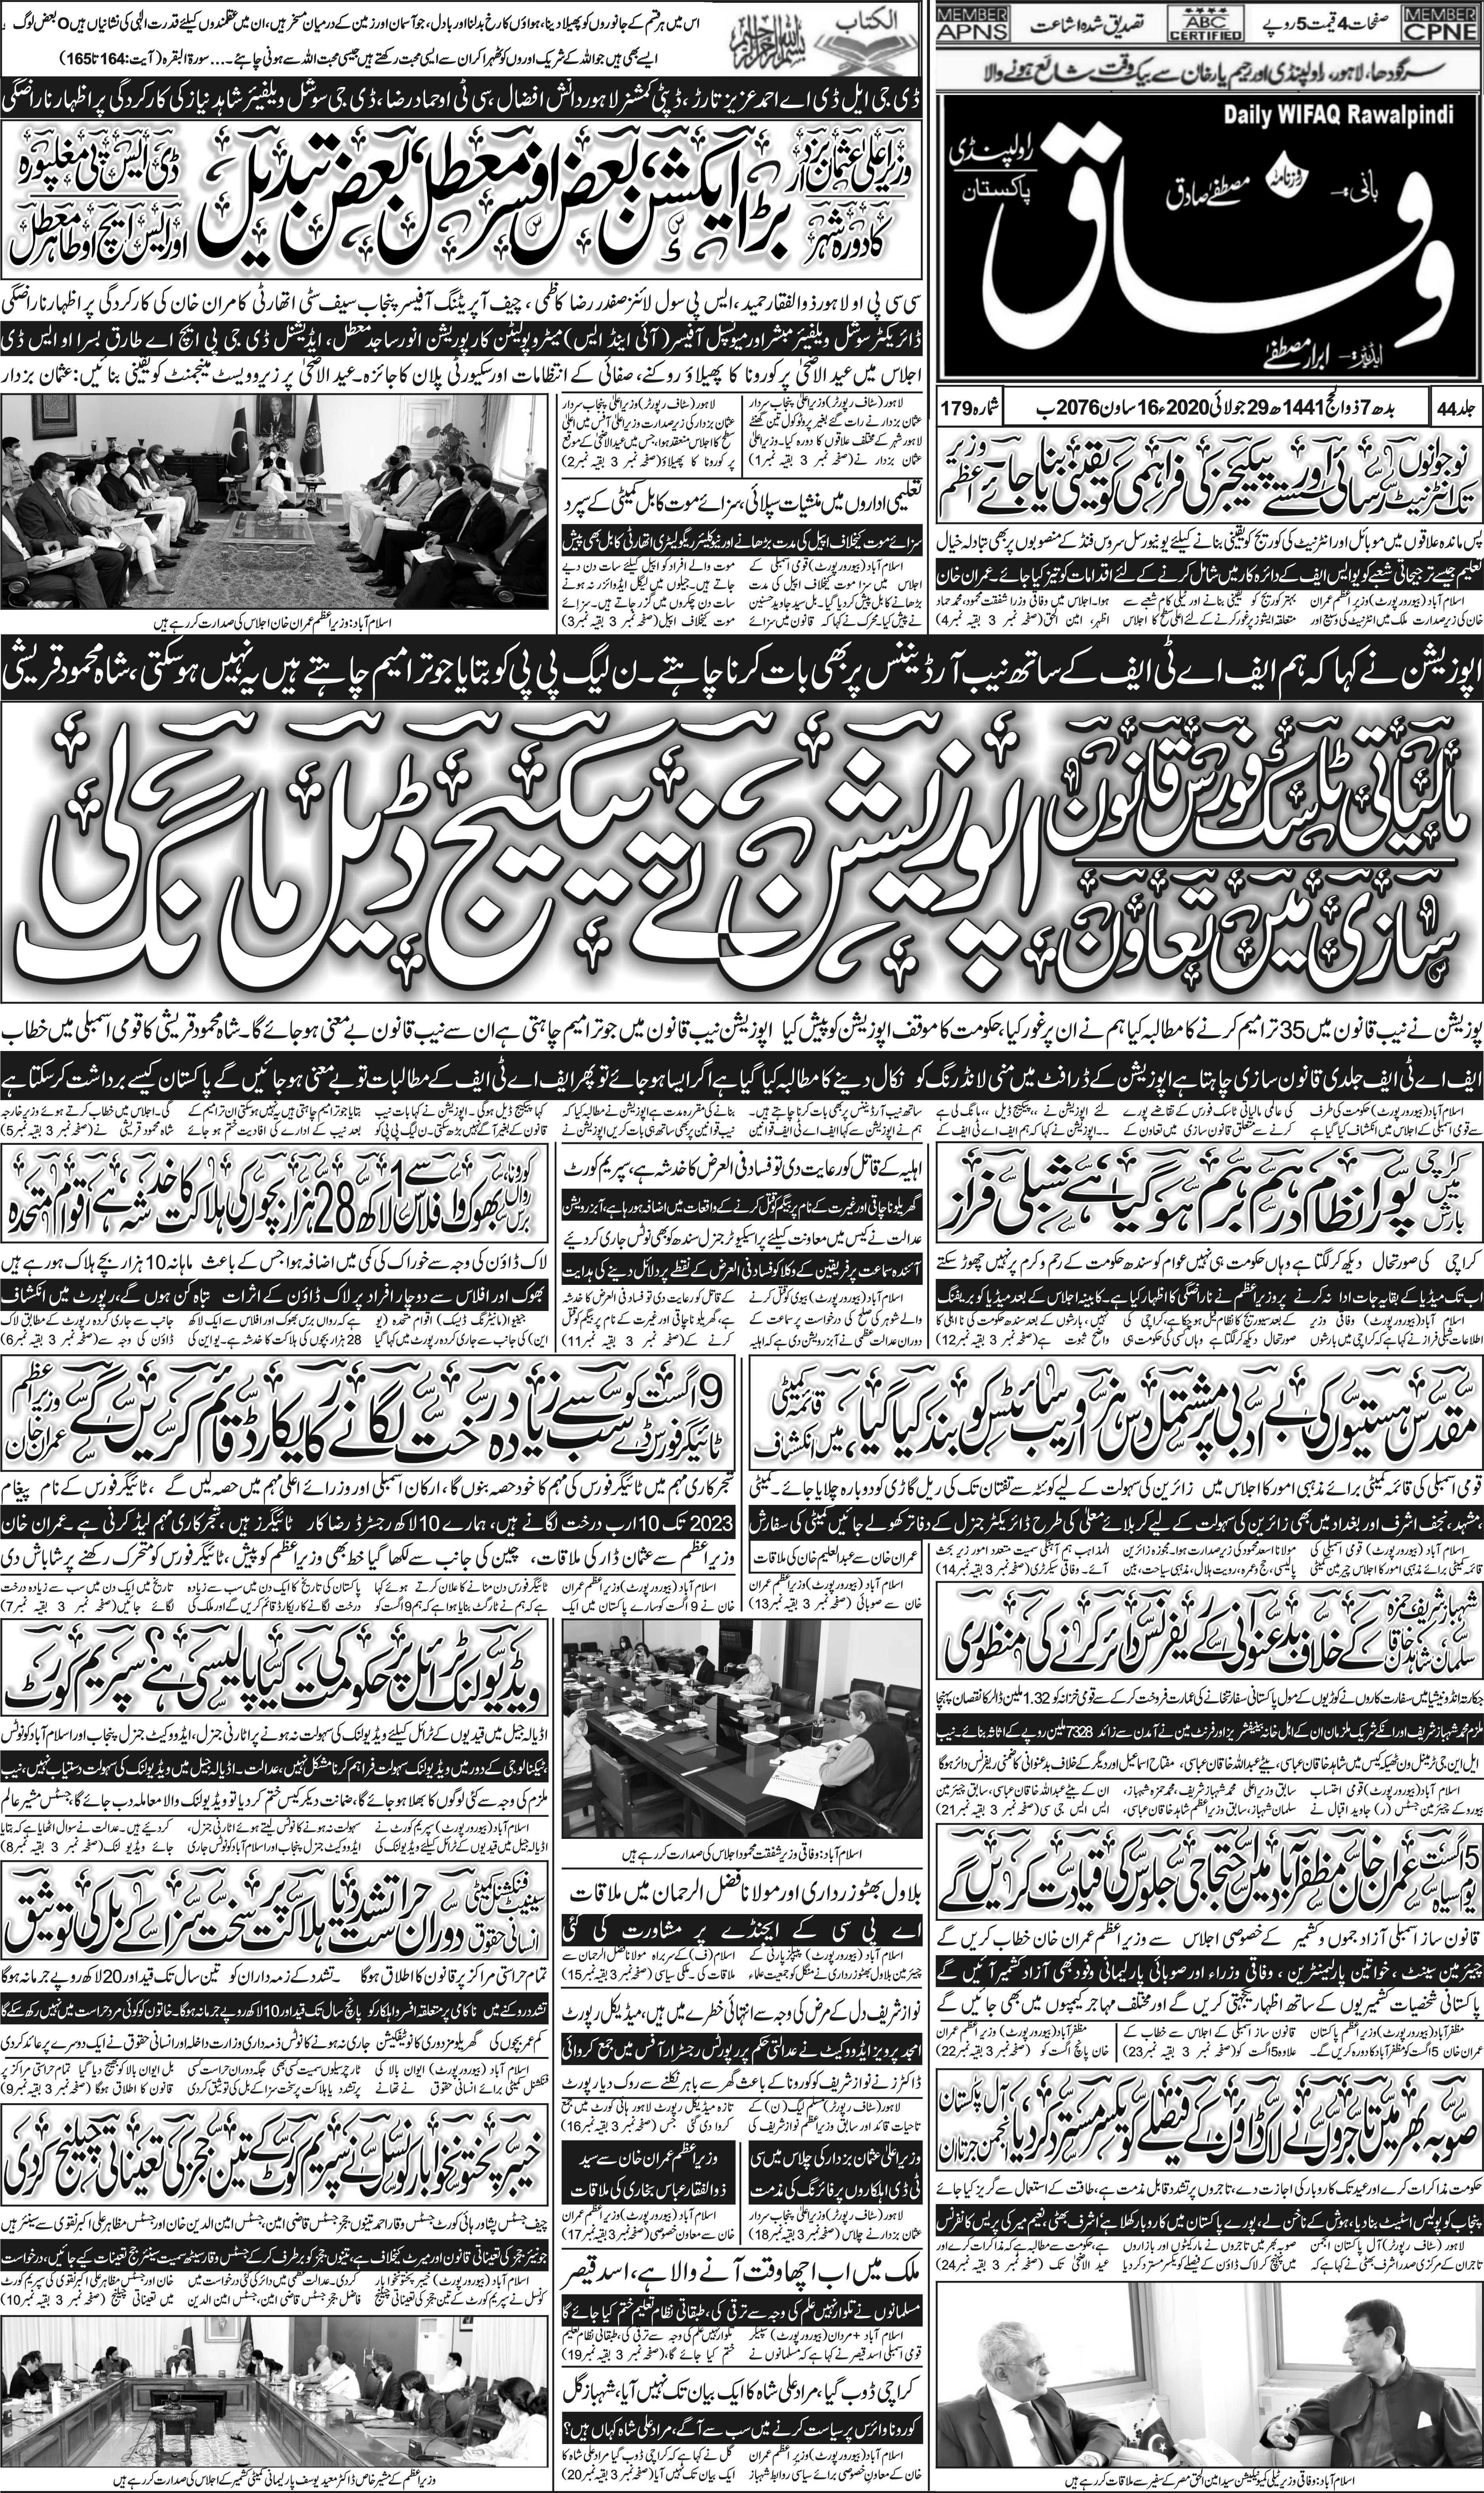 e-Paper – Daily Wifaq – Rawalpindi – 29-07-2020